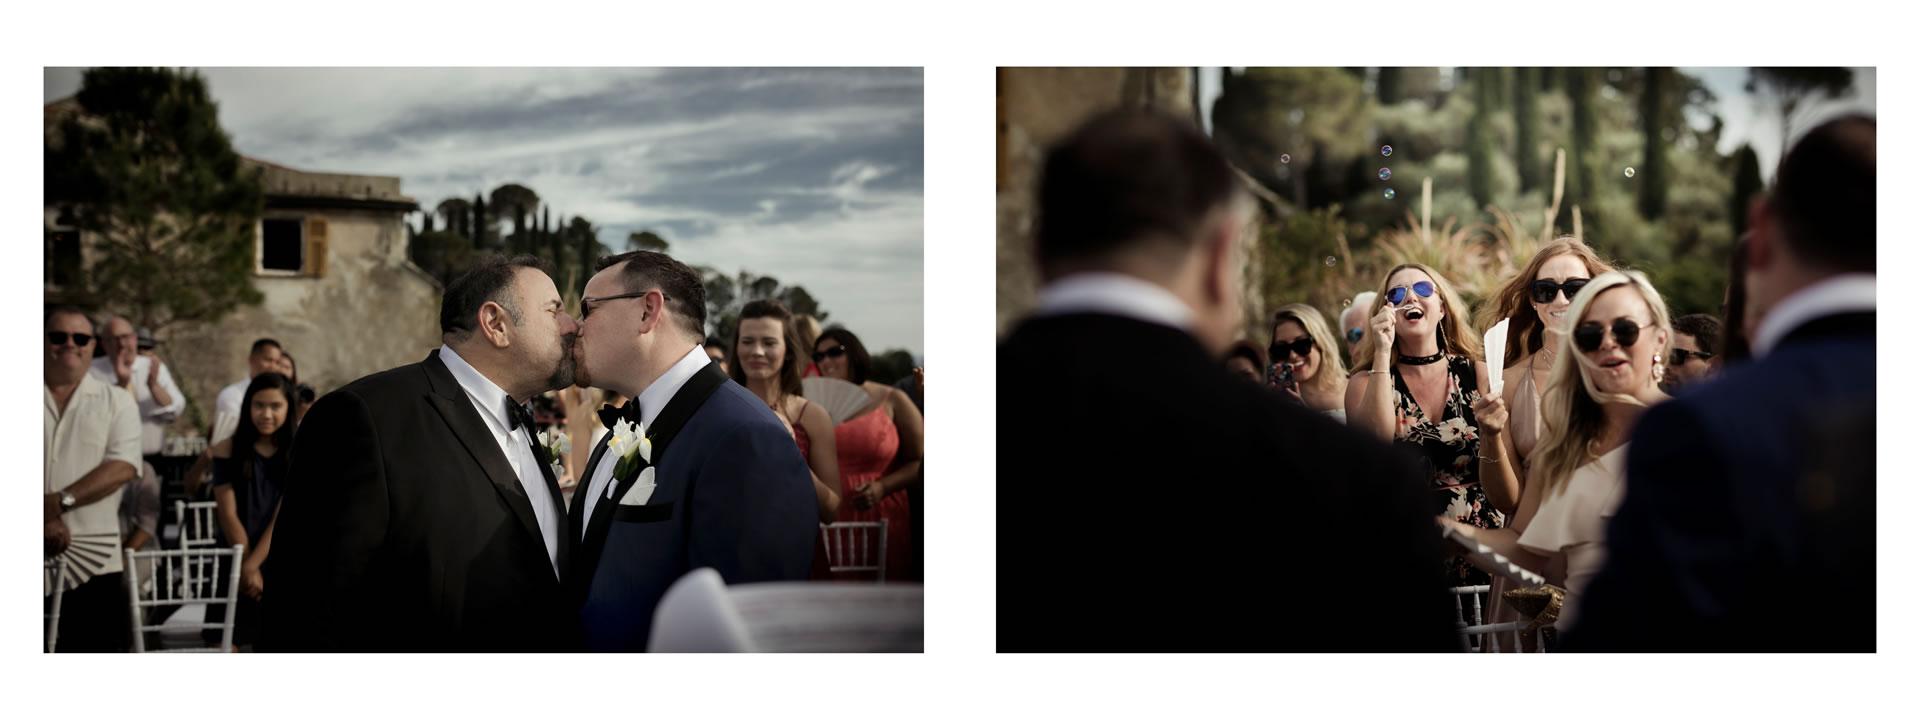 same-sex-love-in-portofino-david-bastianoni-photographer-00022 - 22 :: Wedding in Portofino // WPPI 2018 // The man that I love :: Luxury wedding photography - 21 :: same-sex-love-in-portofino-david-bastianoni-photographer-00022 - 22